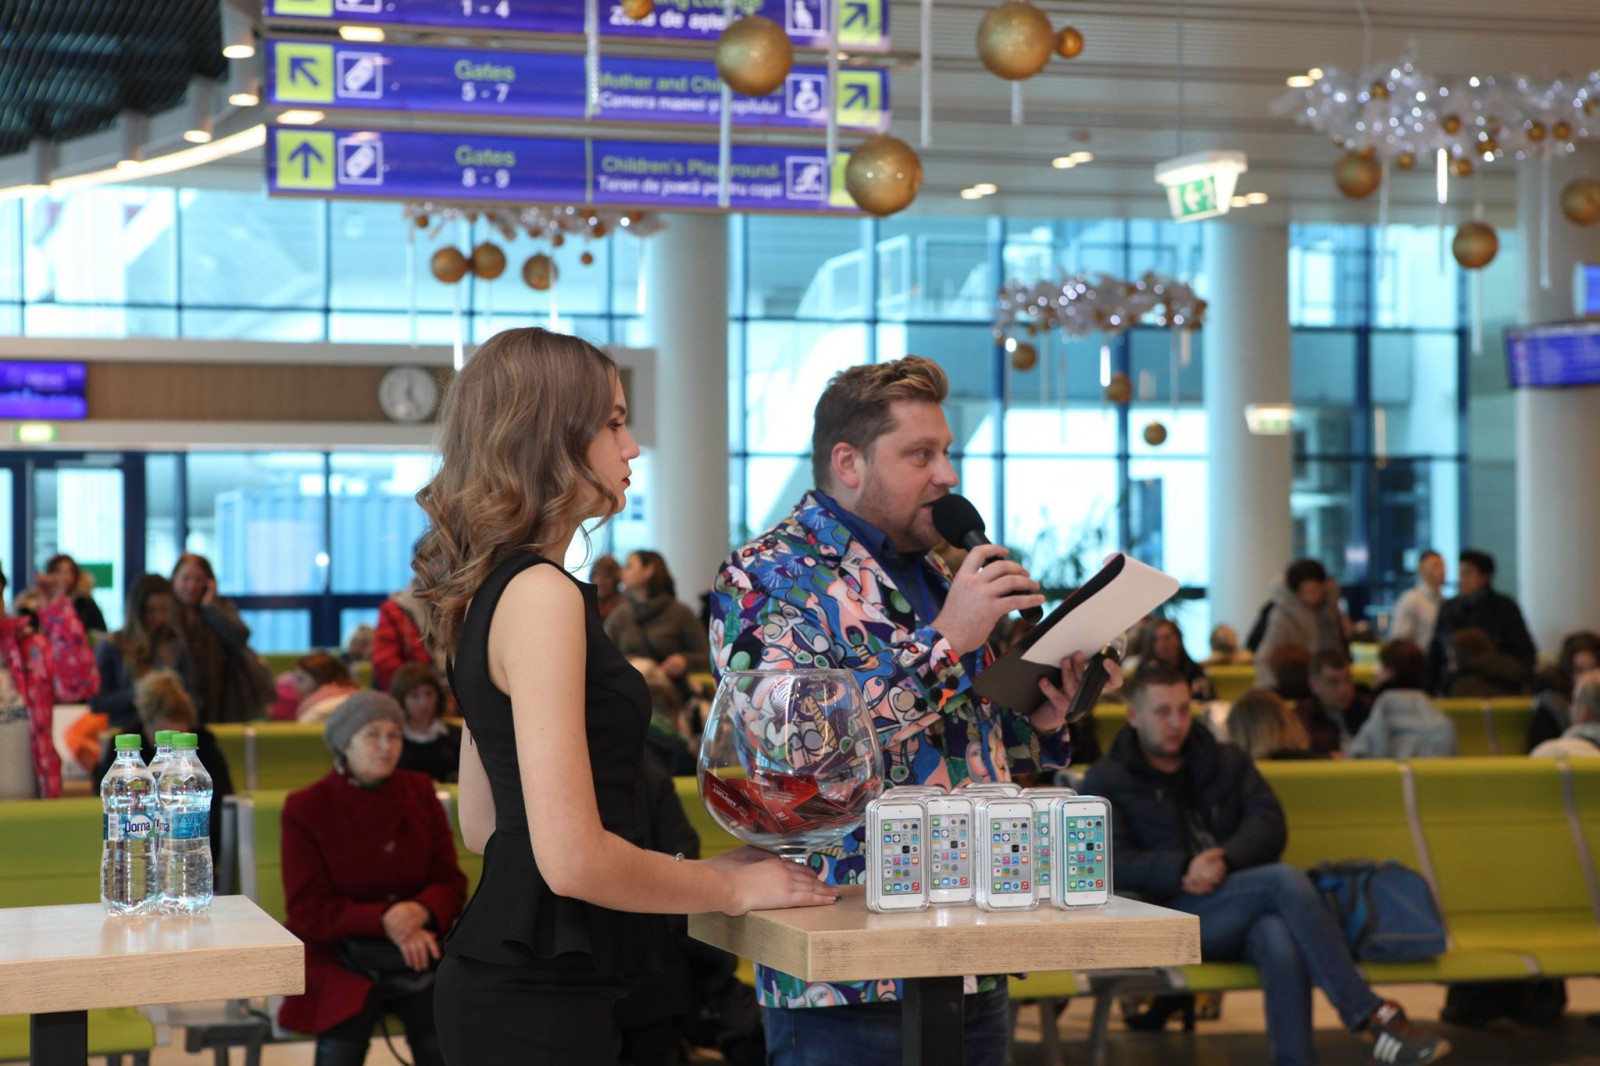 Inițiativă fără precedent! Avia Invest oferă acces gratuit pasagerilor Aeroportului Internațional Chişinău la literatura internațională